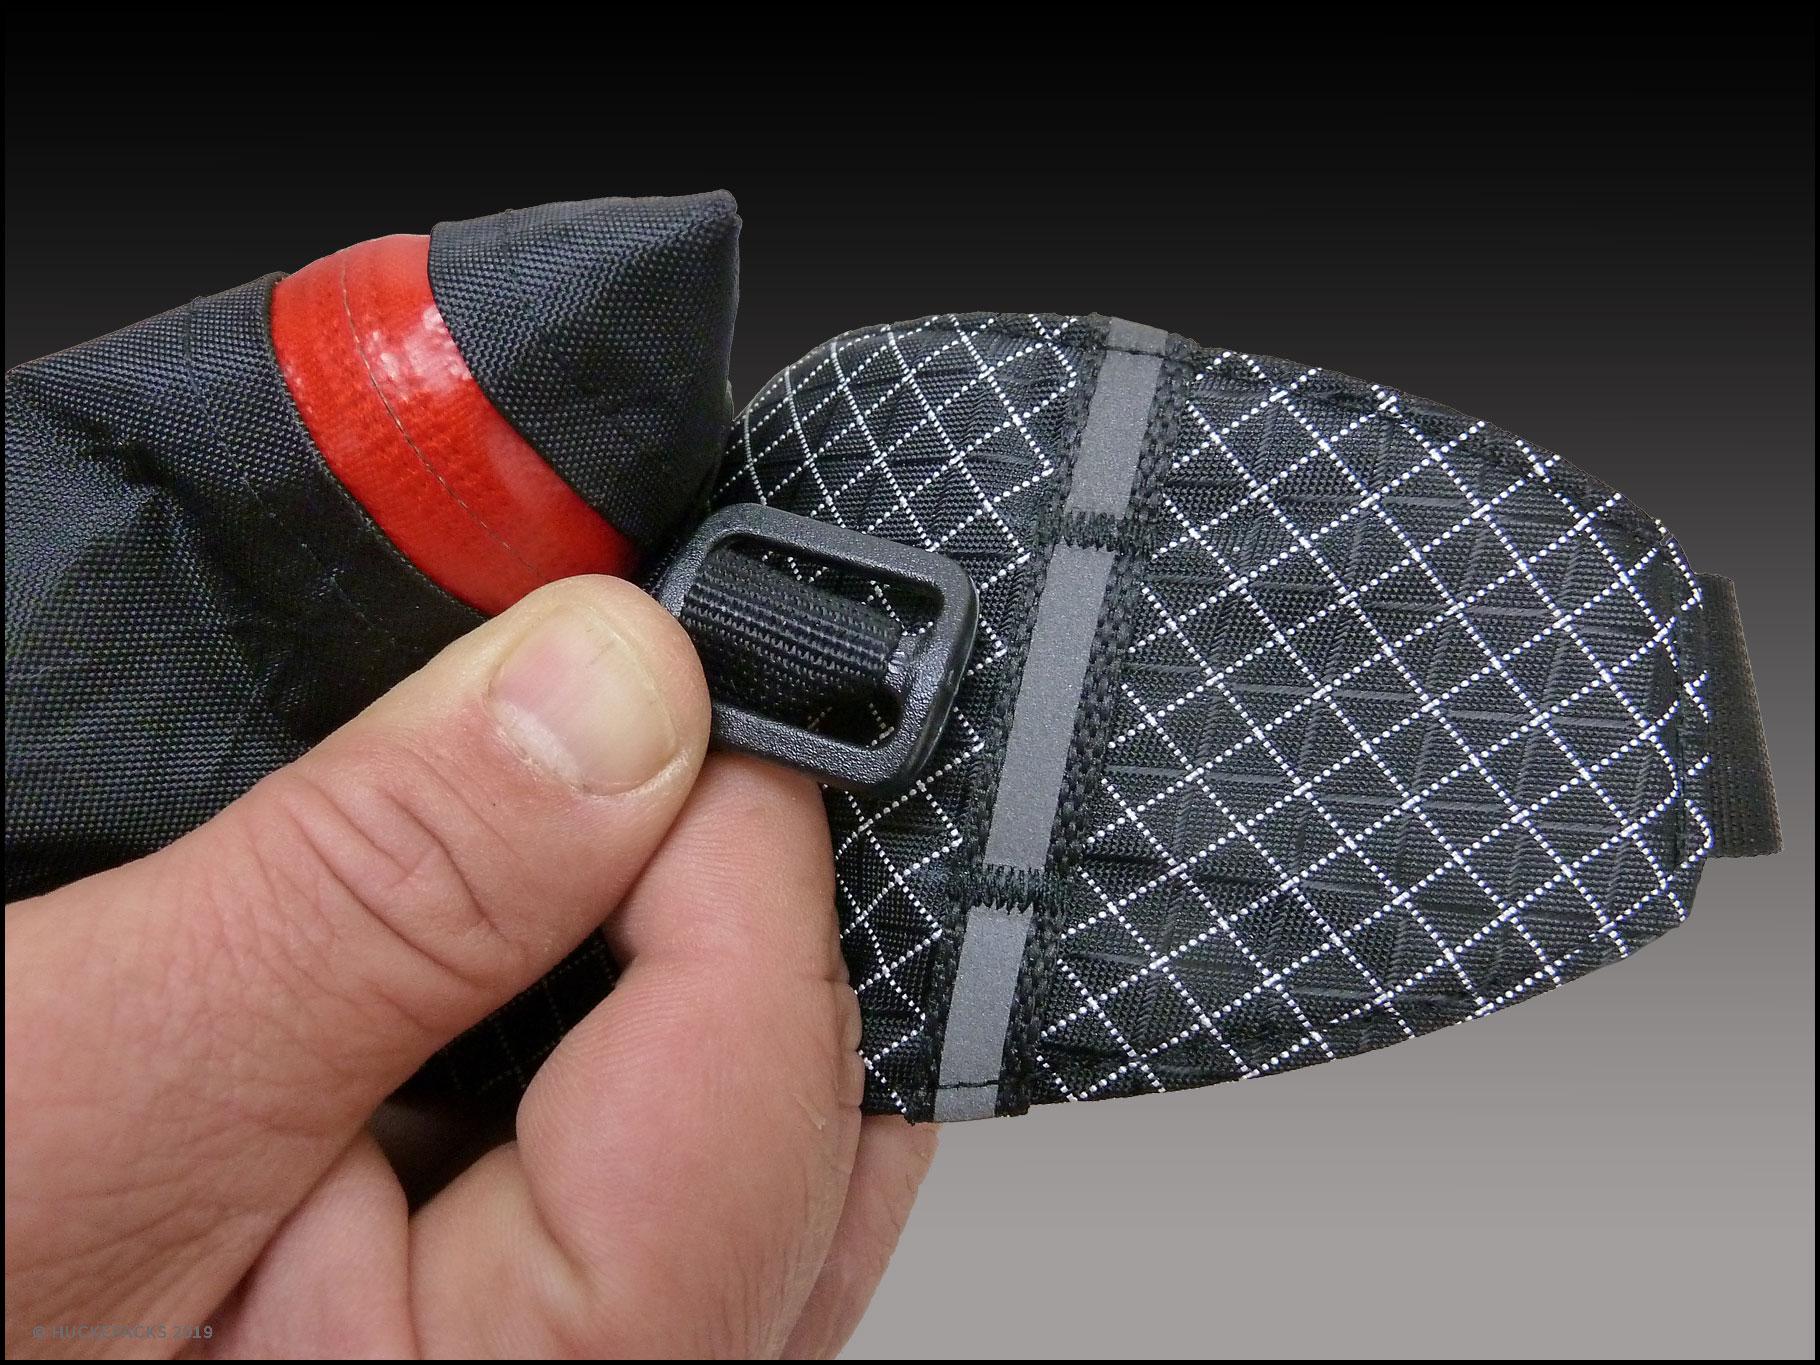 2. Die Triglide-Schnalle um 90° drehen.